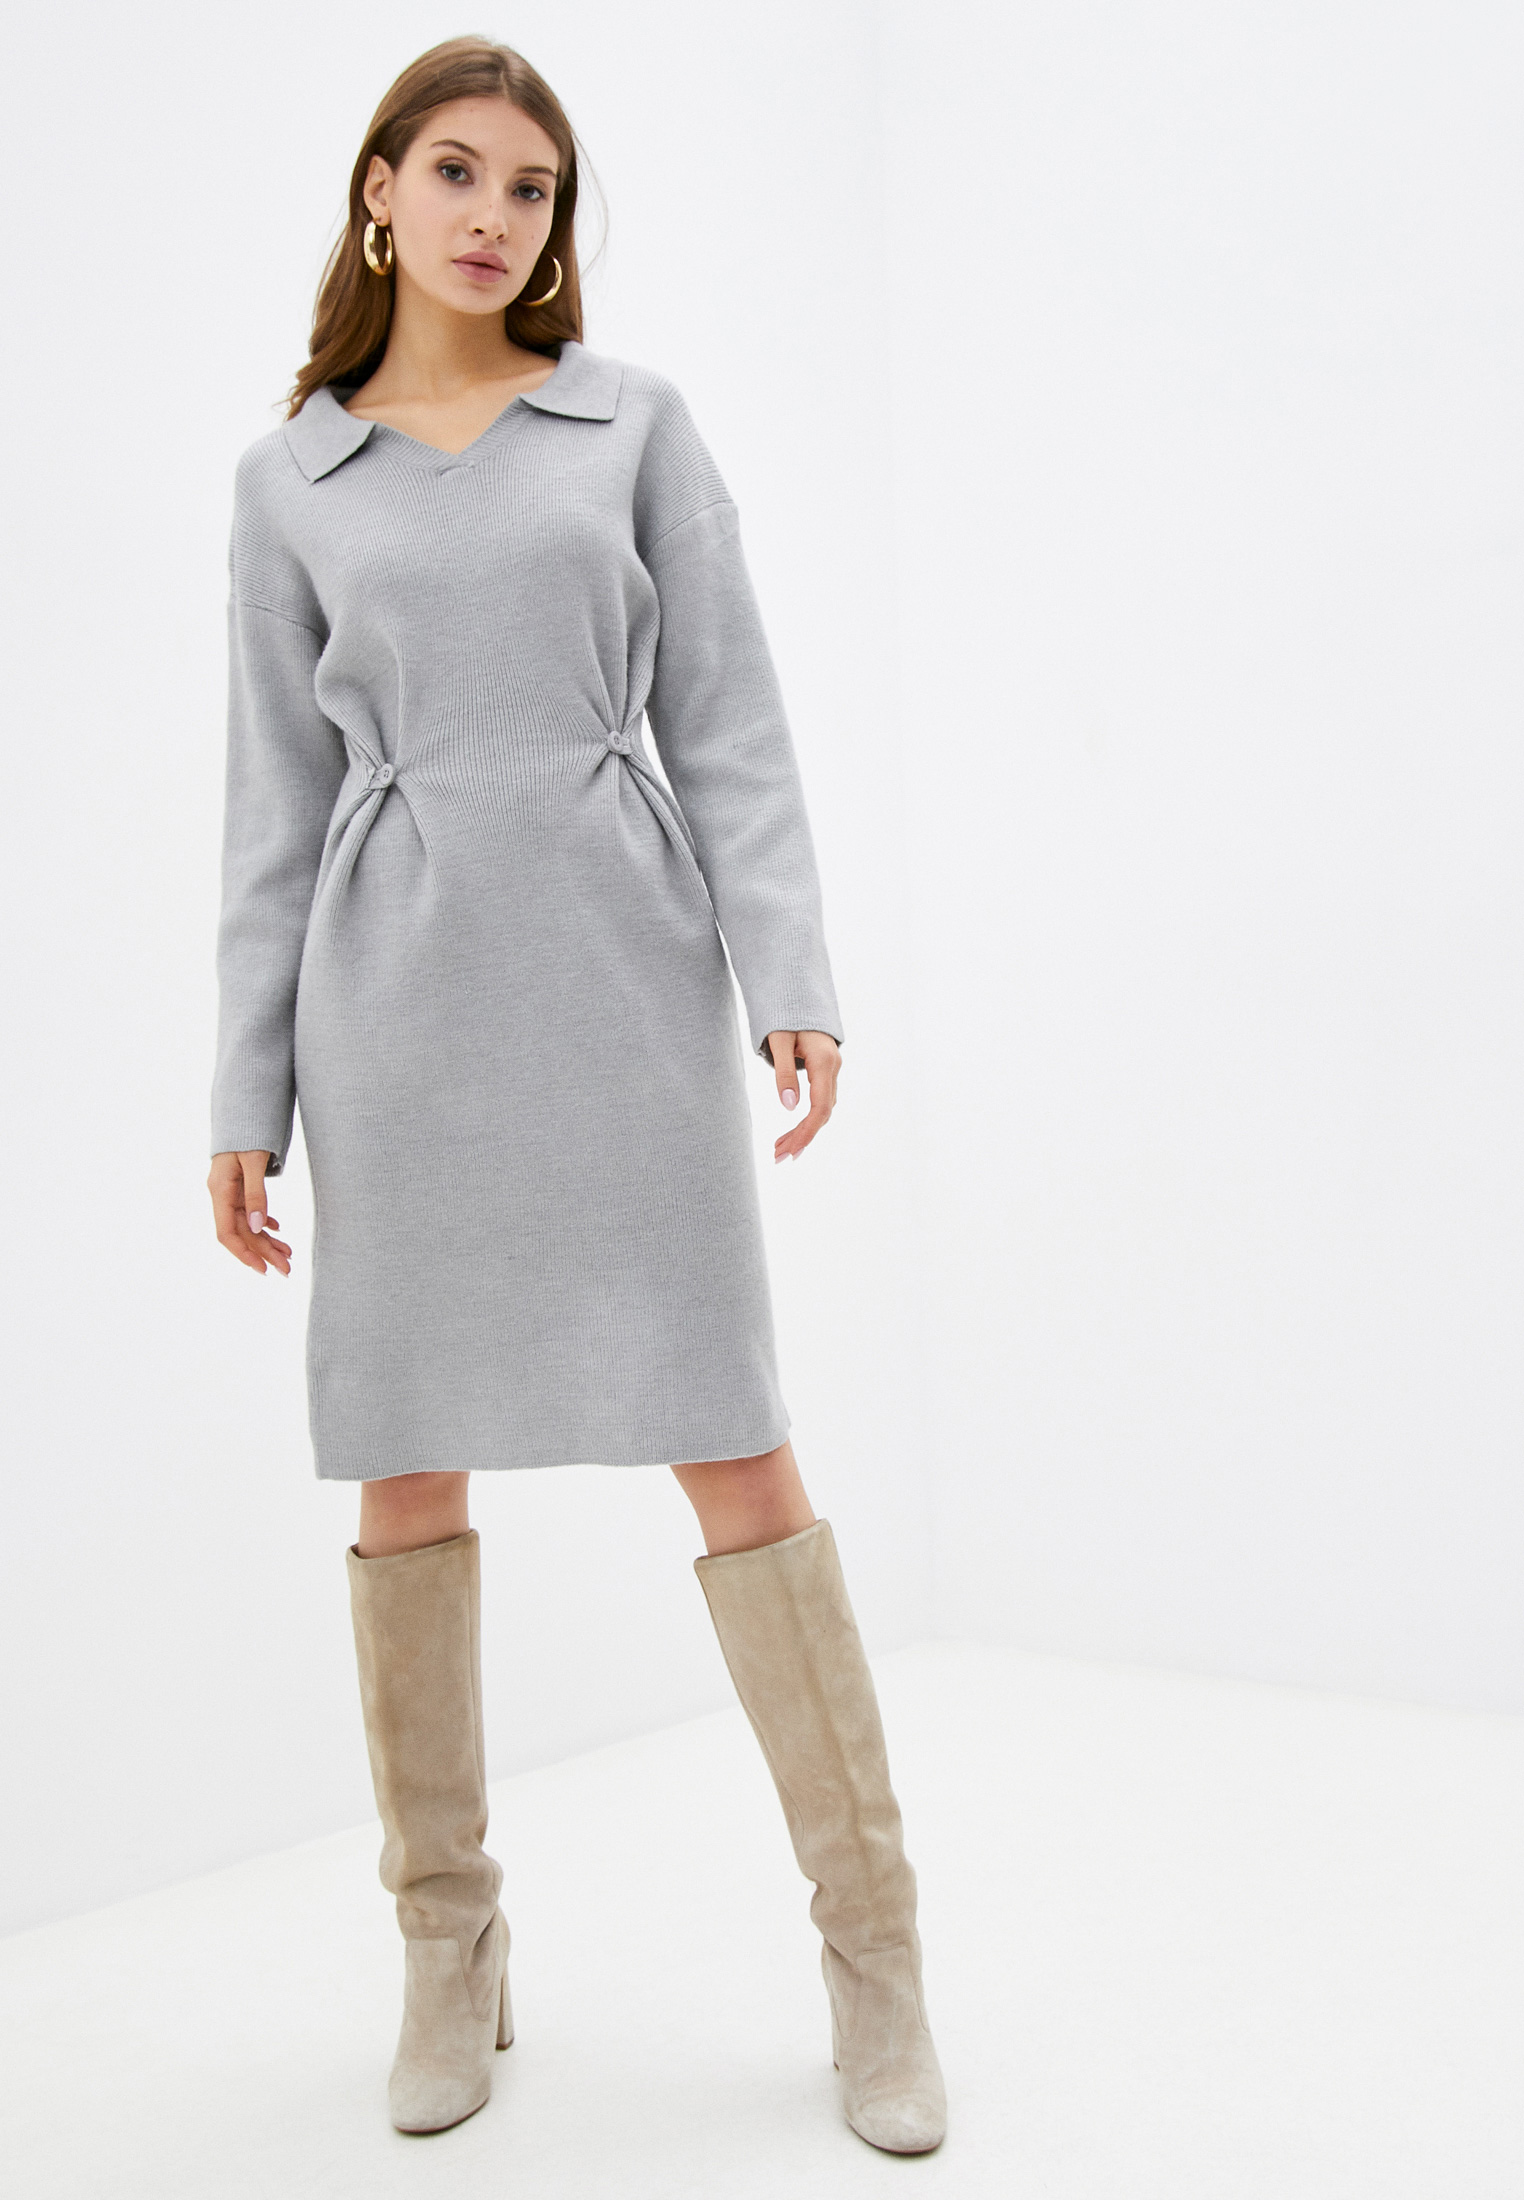 Вязаное платье Marselesa MAR22-51-5